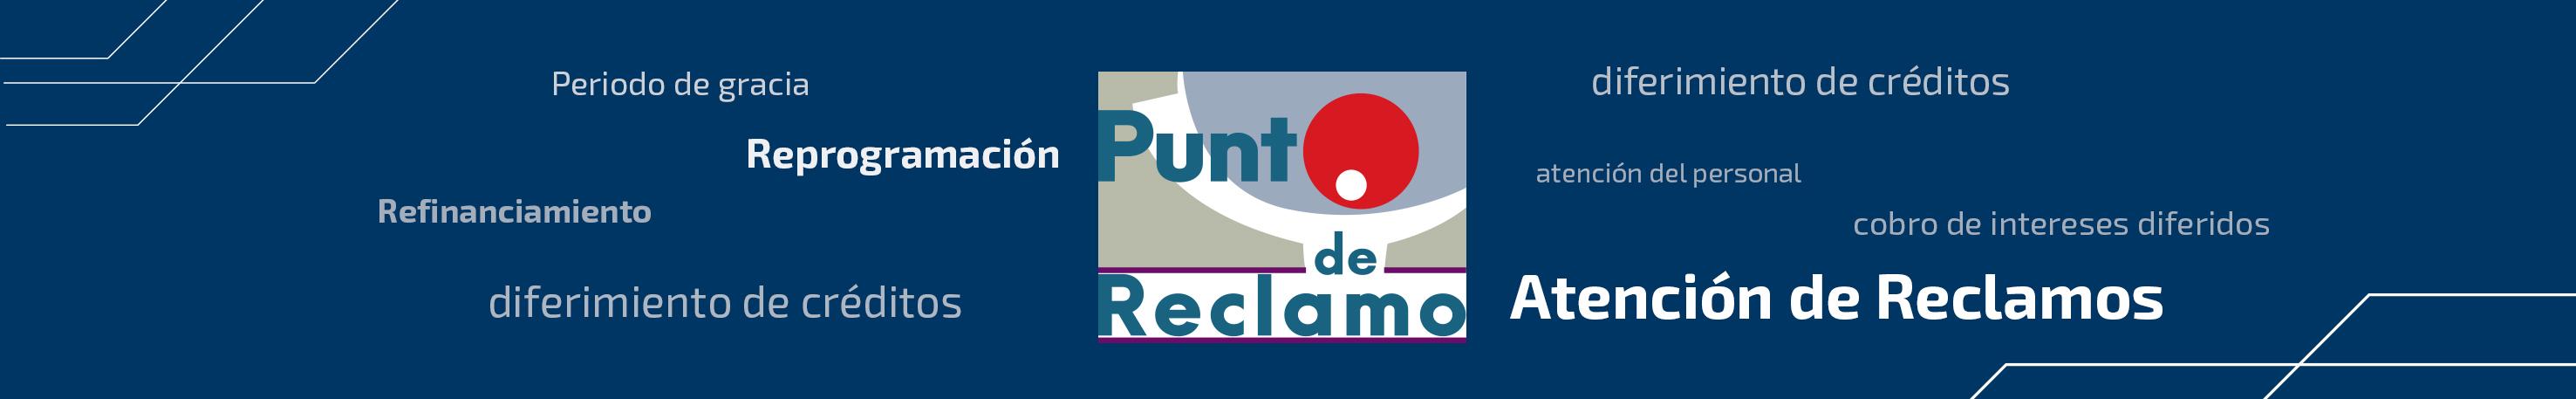 Banner Punto de Reclamo